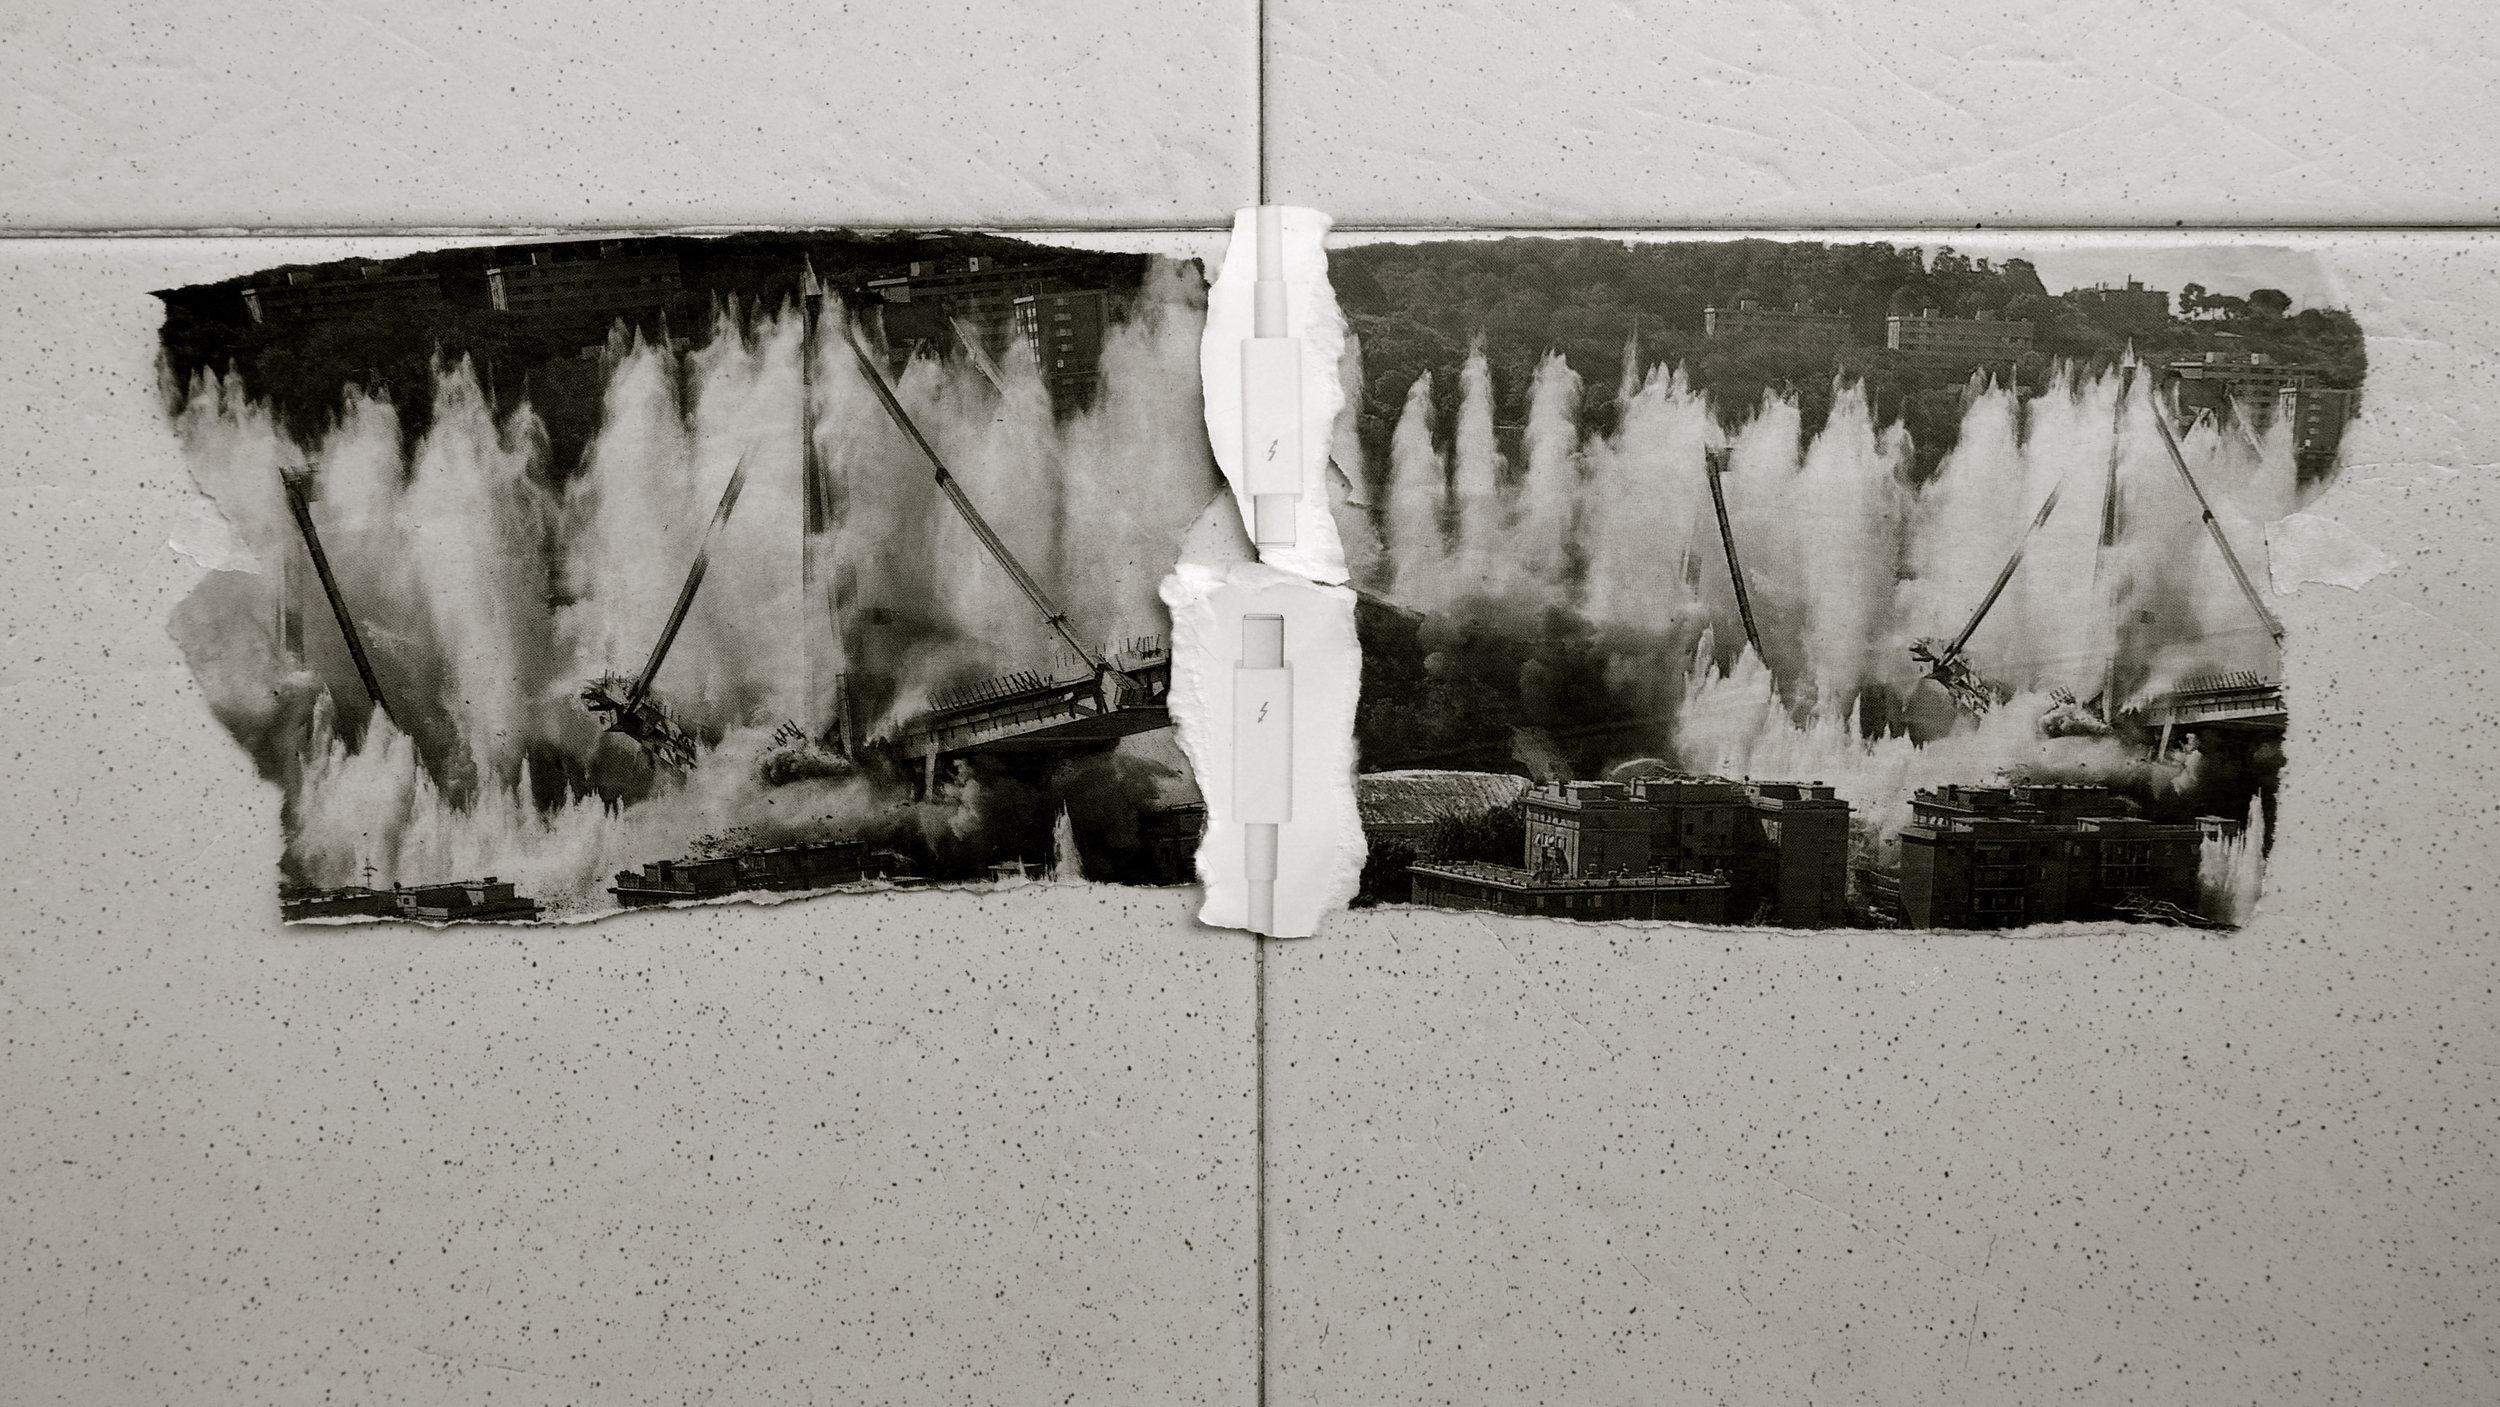 Cryp. De la serie: Páginas encontradas.  Cryp. De la serie: Páginas encontradas.  Puente Morandi Génova